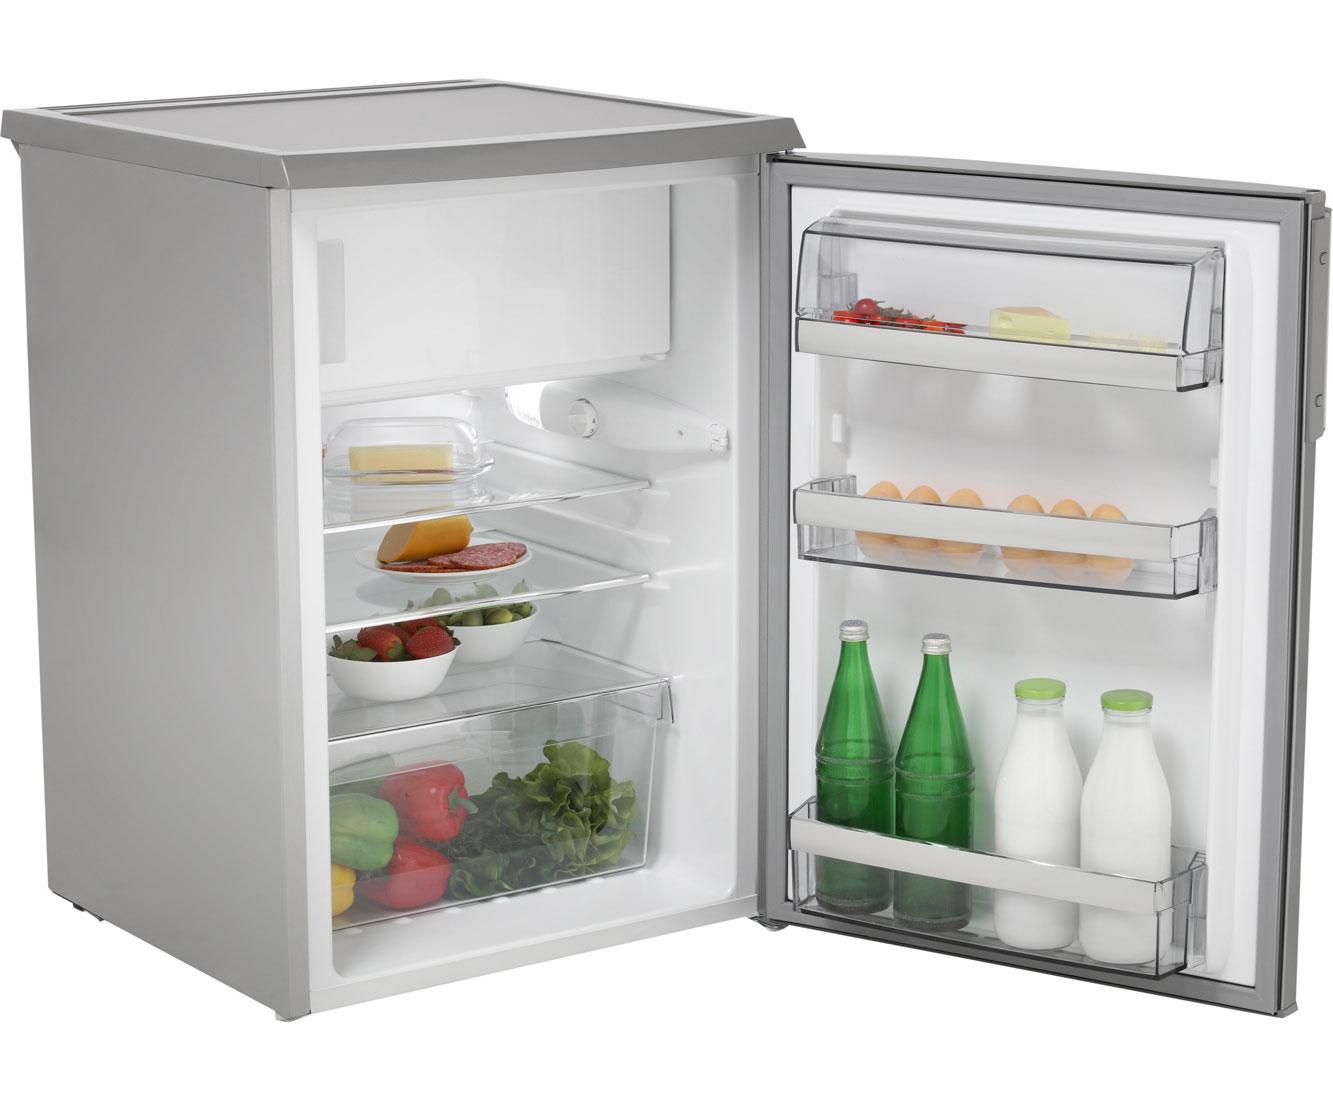 Aeg Kühlschrank Preis : Getränkekühlschrank aeg: aeg kuhlschrank gebraucht kaufen nur st